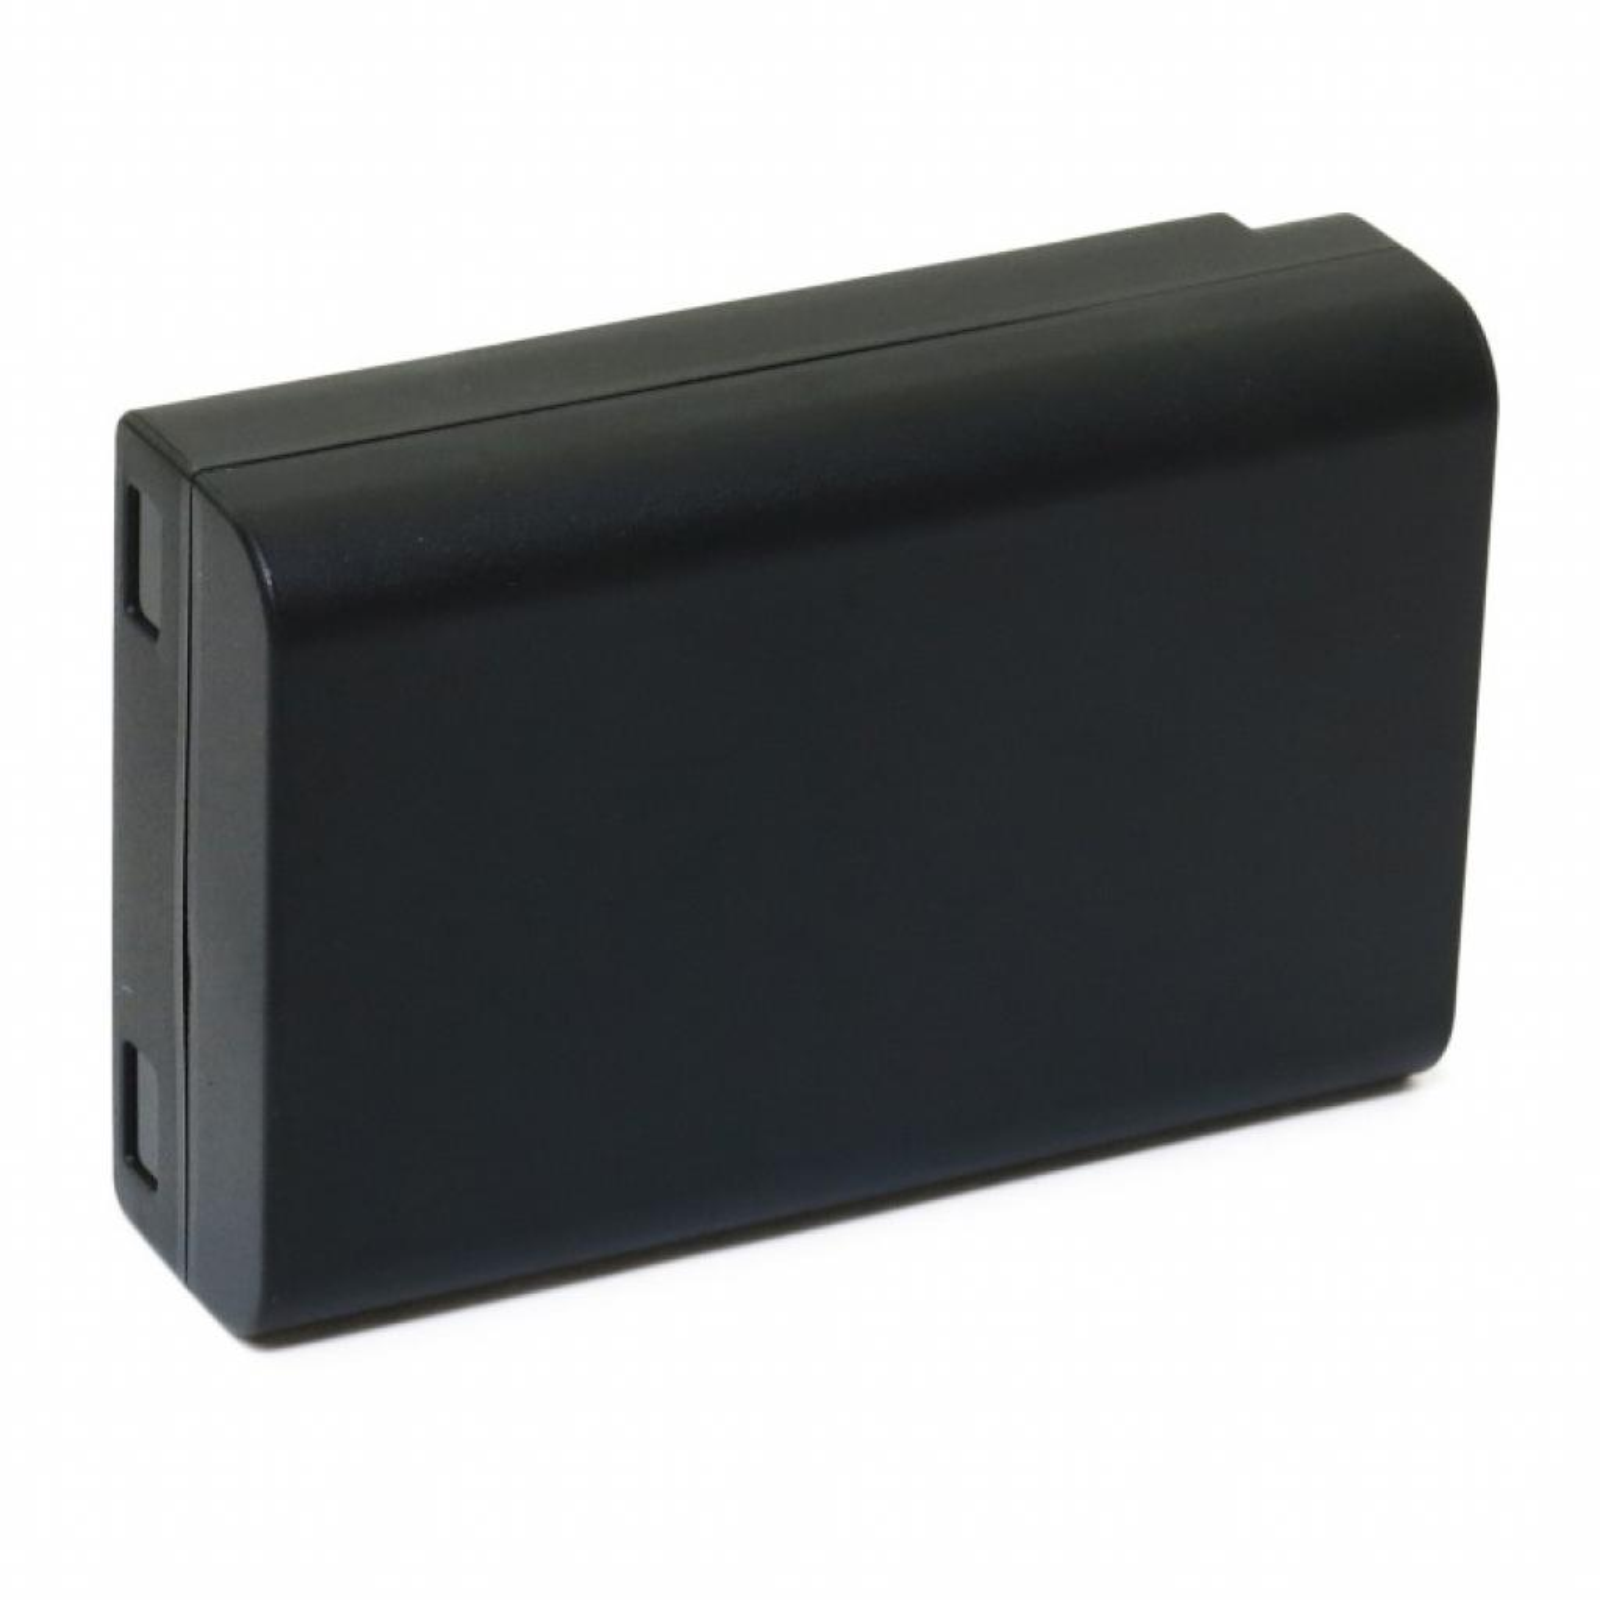 Аккумулятор к фото/видео EXTRADIGITAL Samsung BP1410 (BDS2684) изображение 3